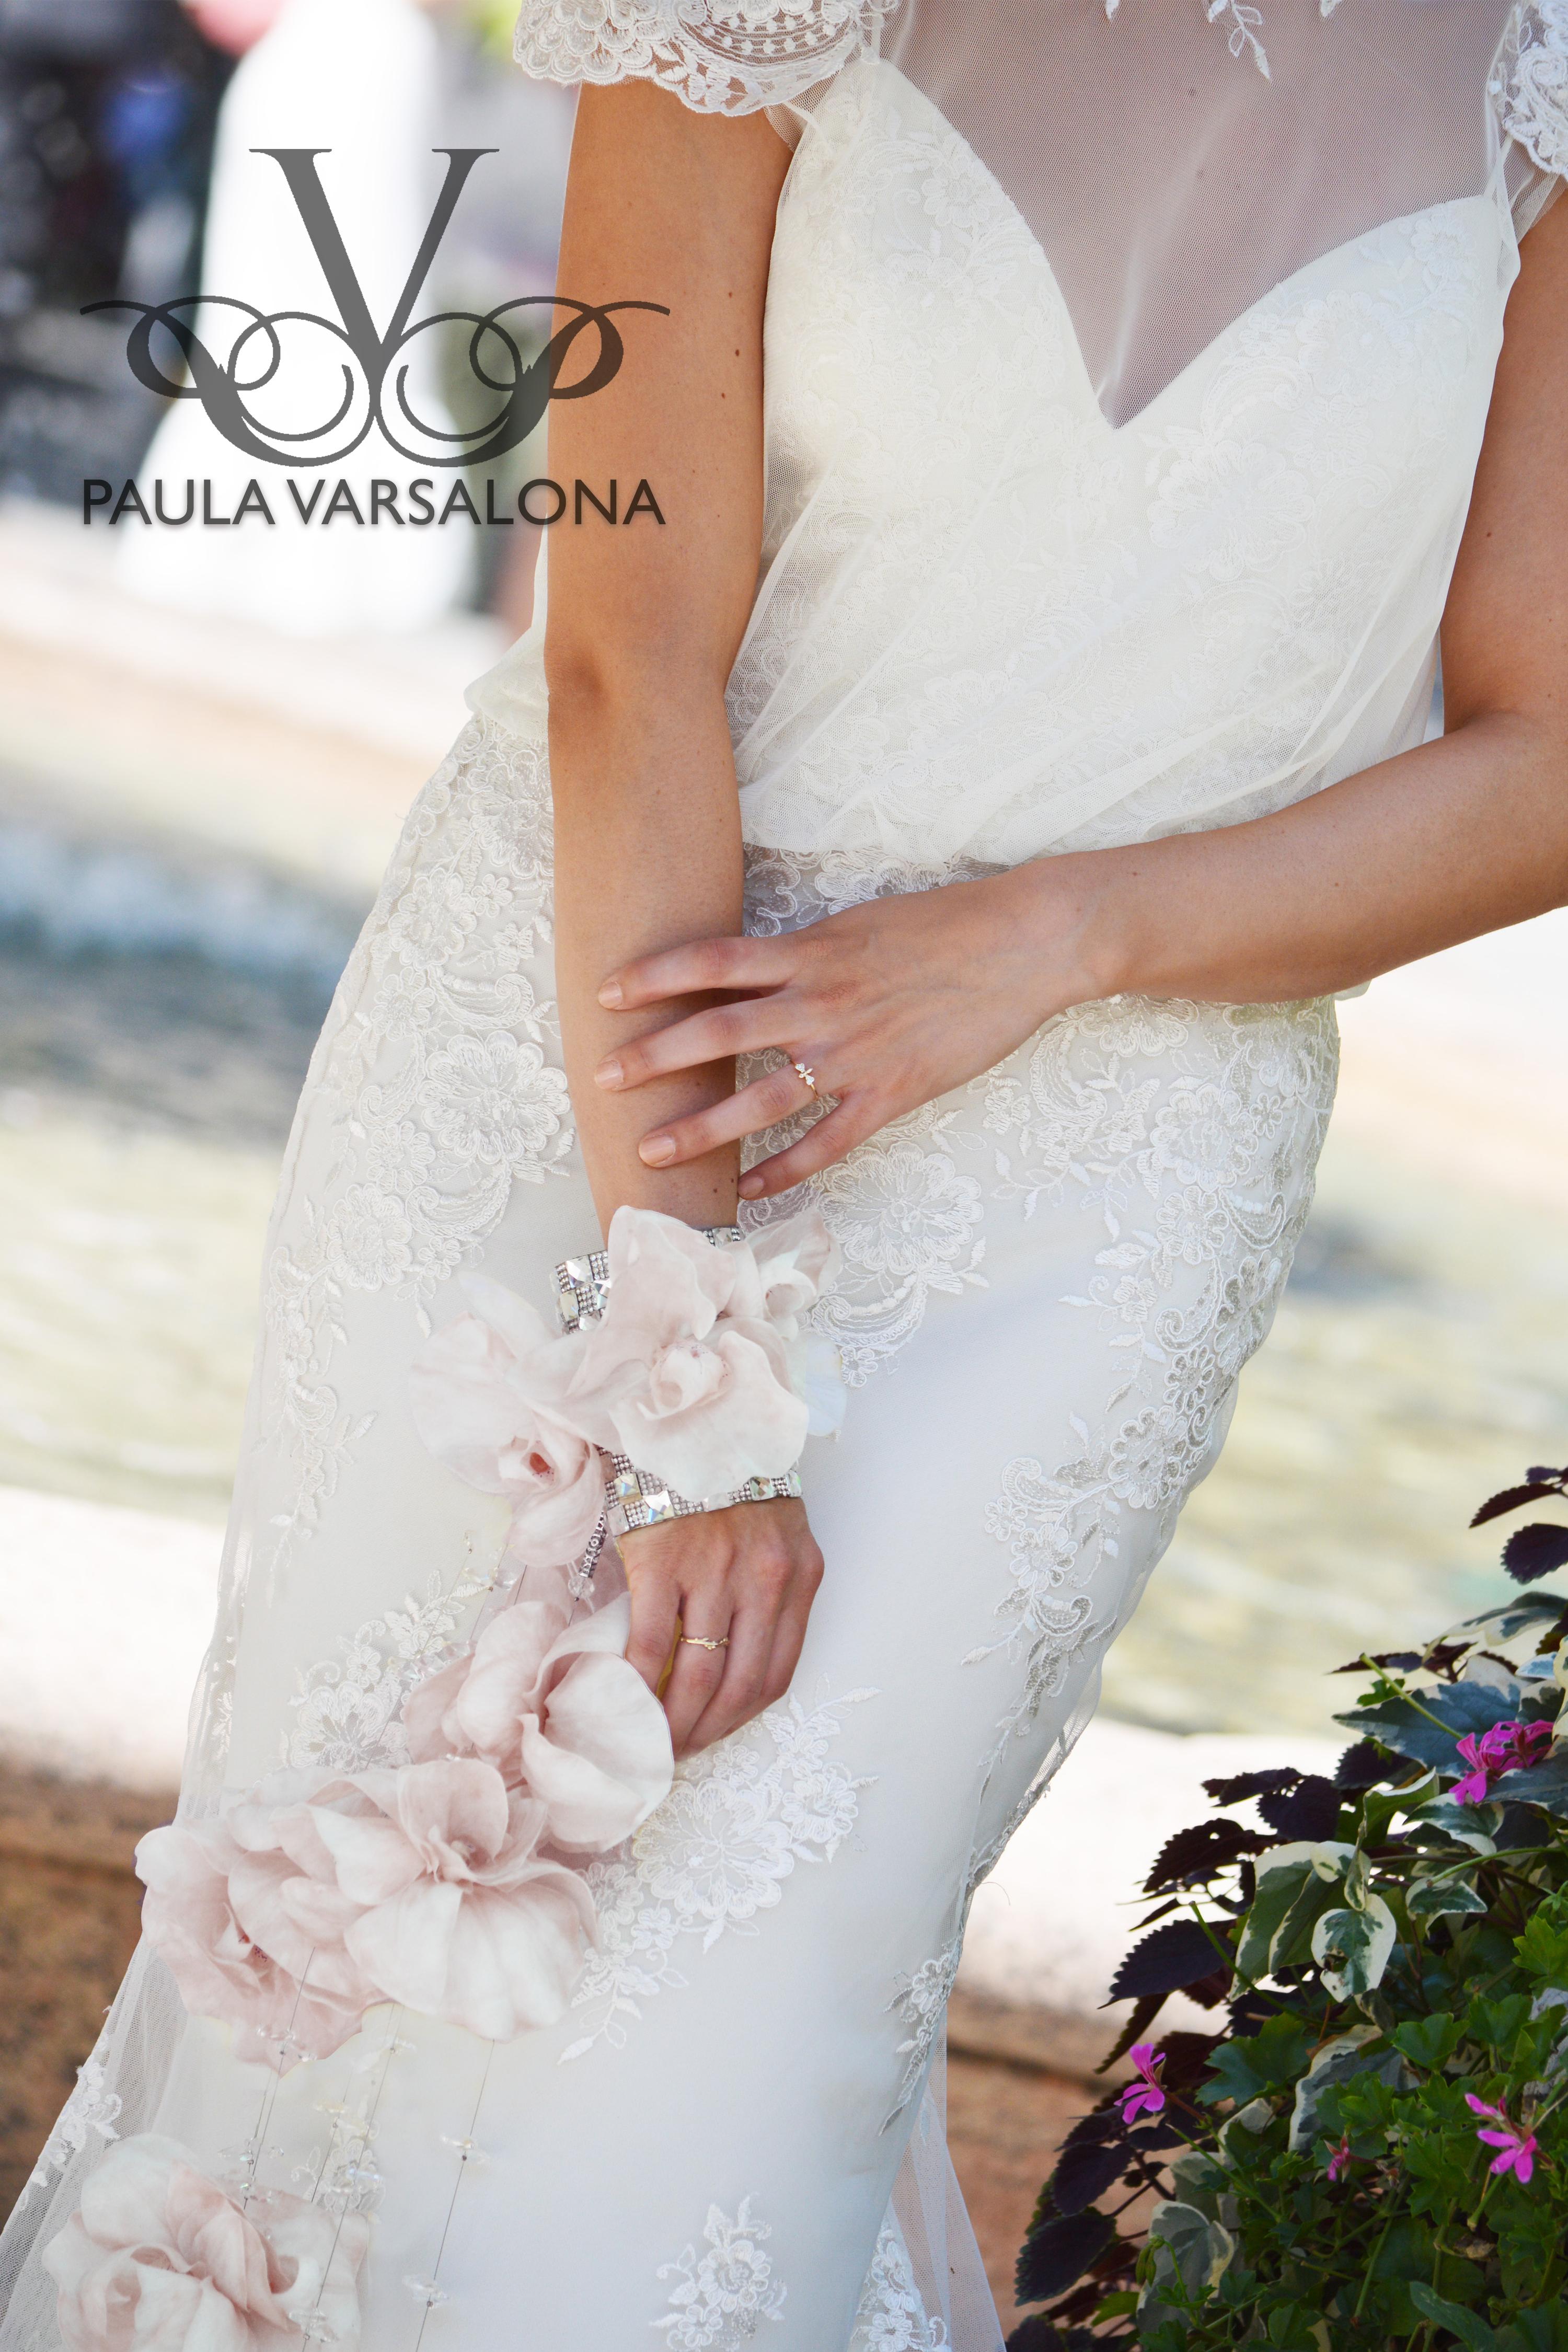 Paula Varsalona for the Bride